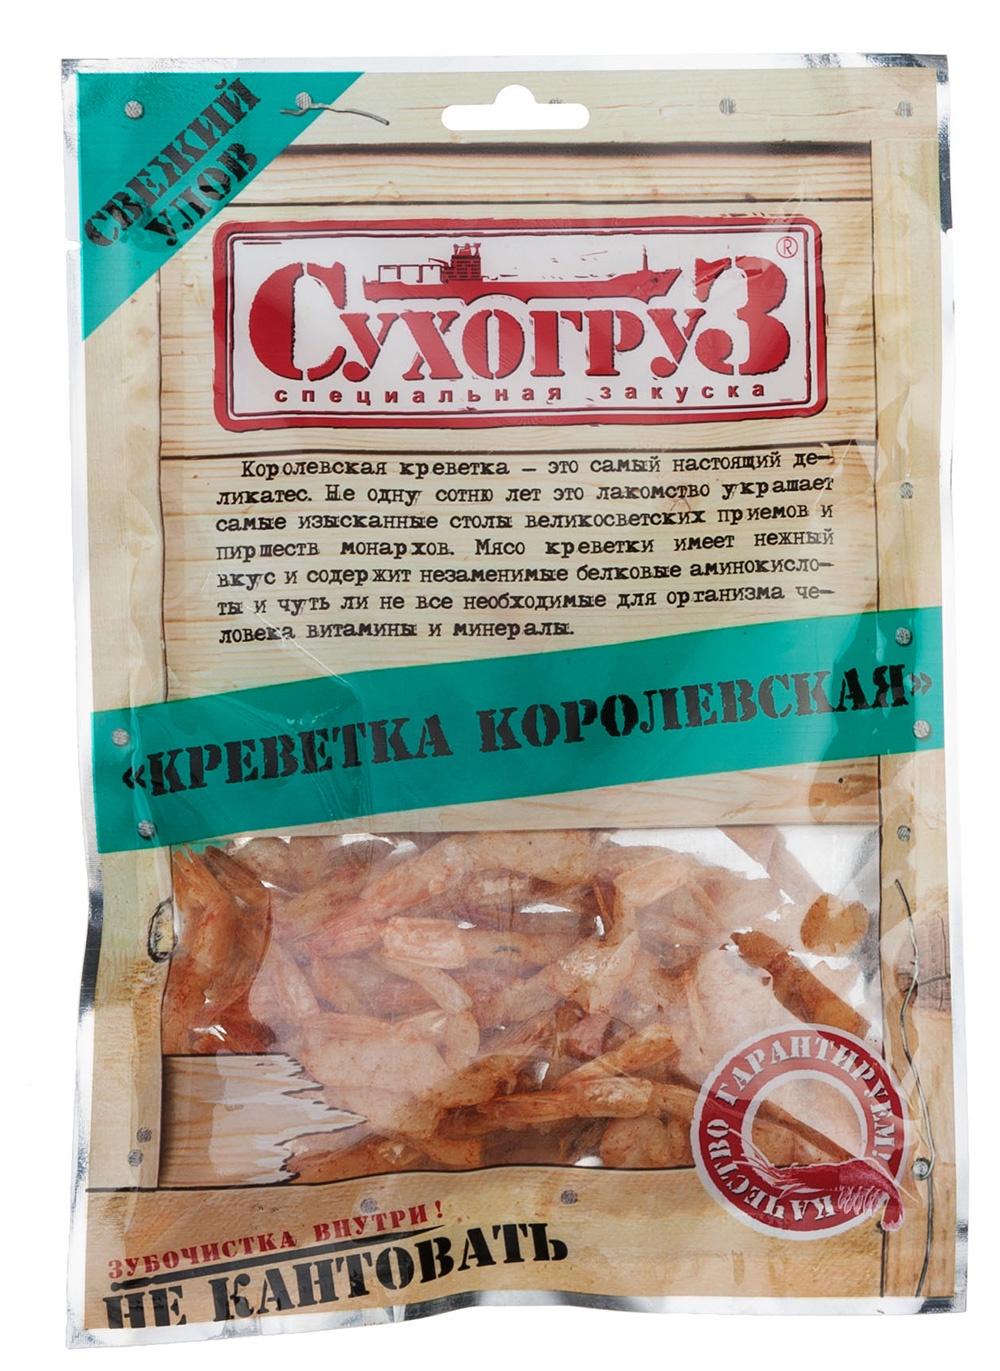 Креветки сушеные Сухогруз Креветка королевская, 70 г.